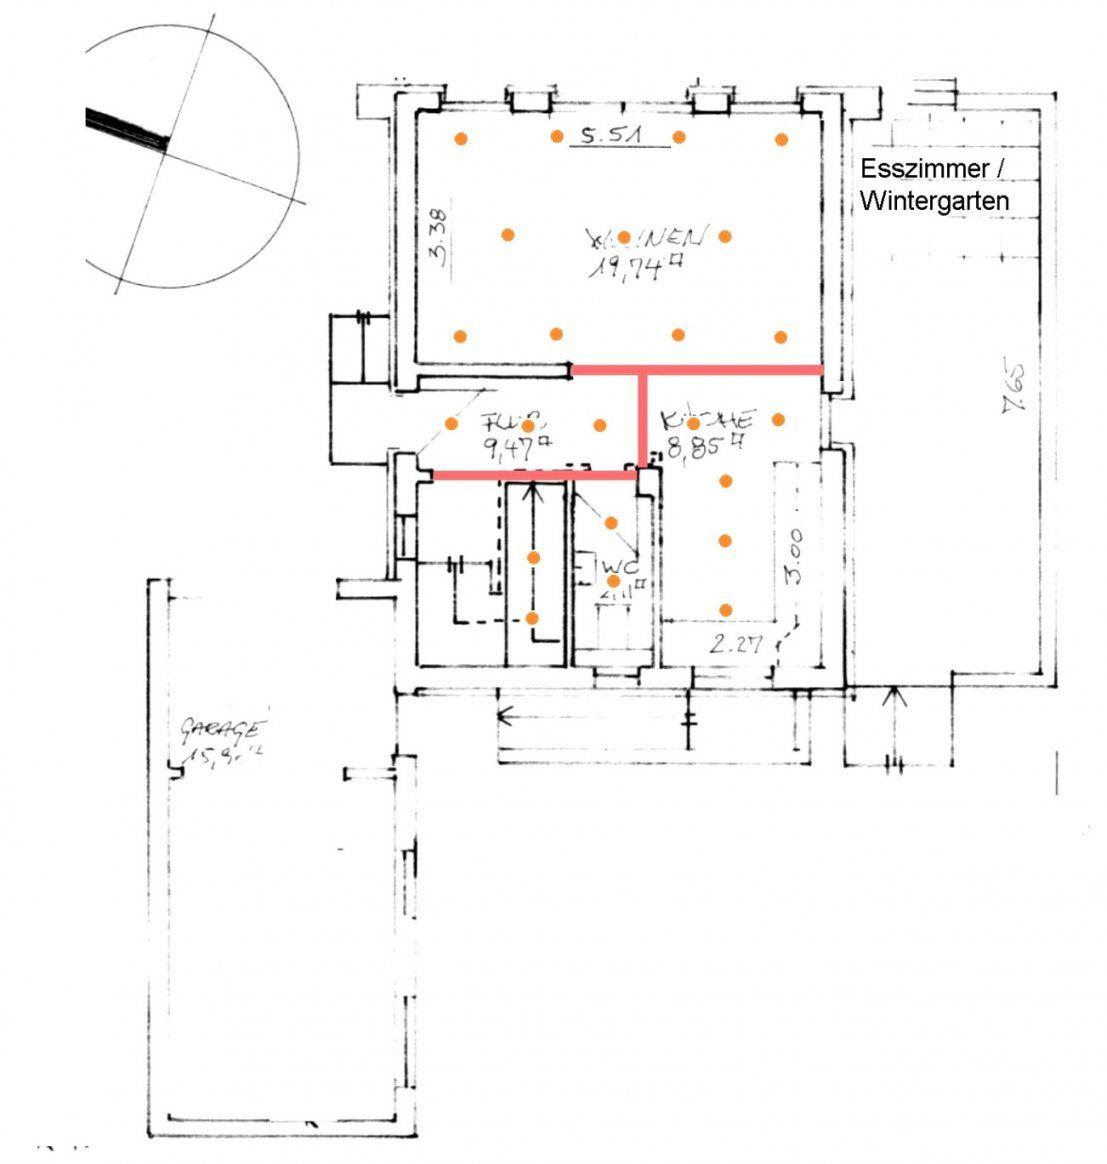 Interessant 37 Einbaustrahler Decke Anordnung Ideen Zum Led Spots von Led Einbaustrahler Abstand Decke Photo